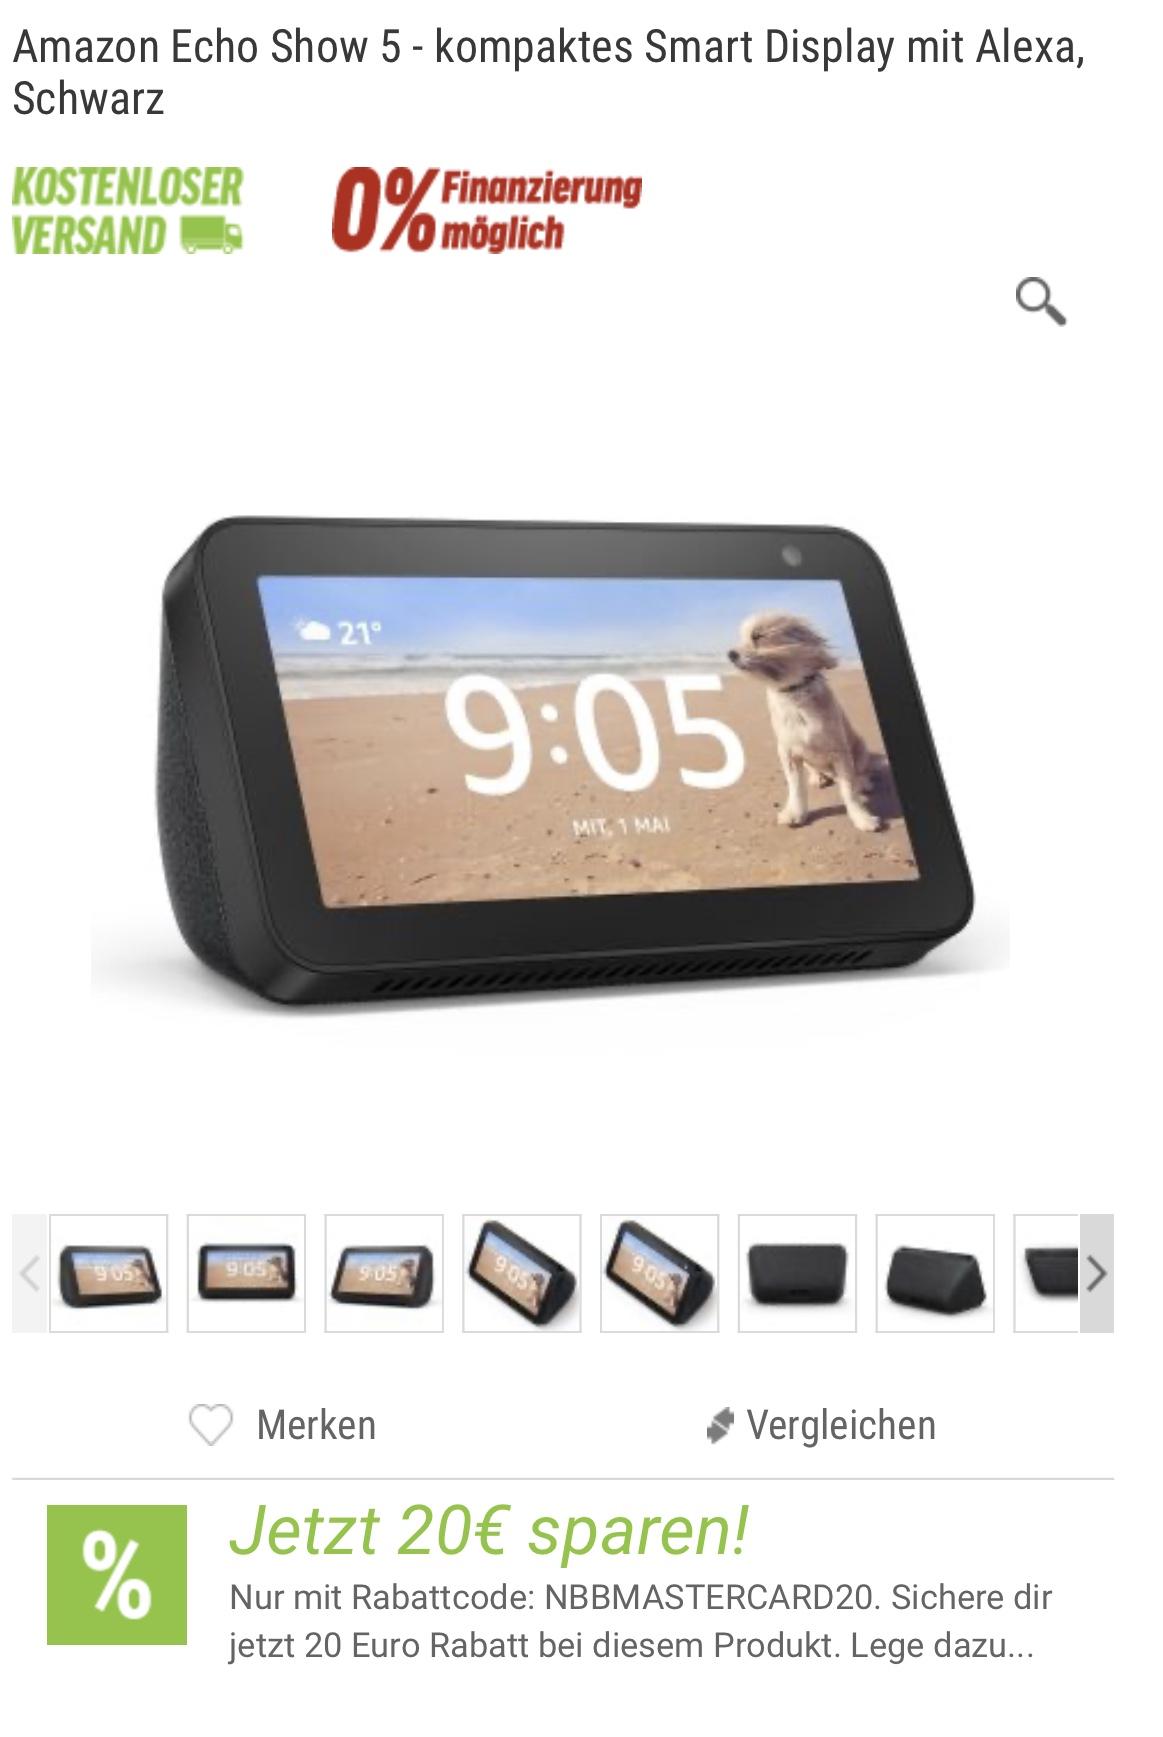 [NBB Mastercard] Amazon Echo Show 5 für 67,90, Fire TV Cube für 99,99, Fire HD 8 Tablet für 69,99